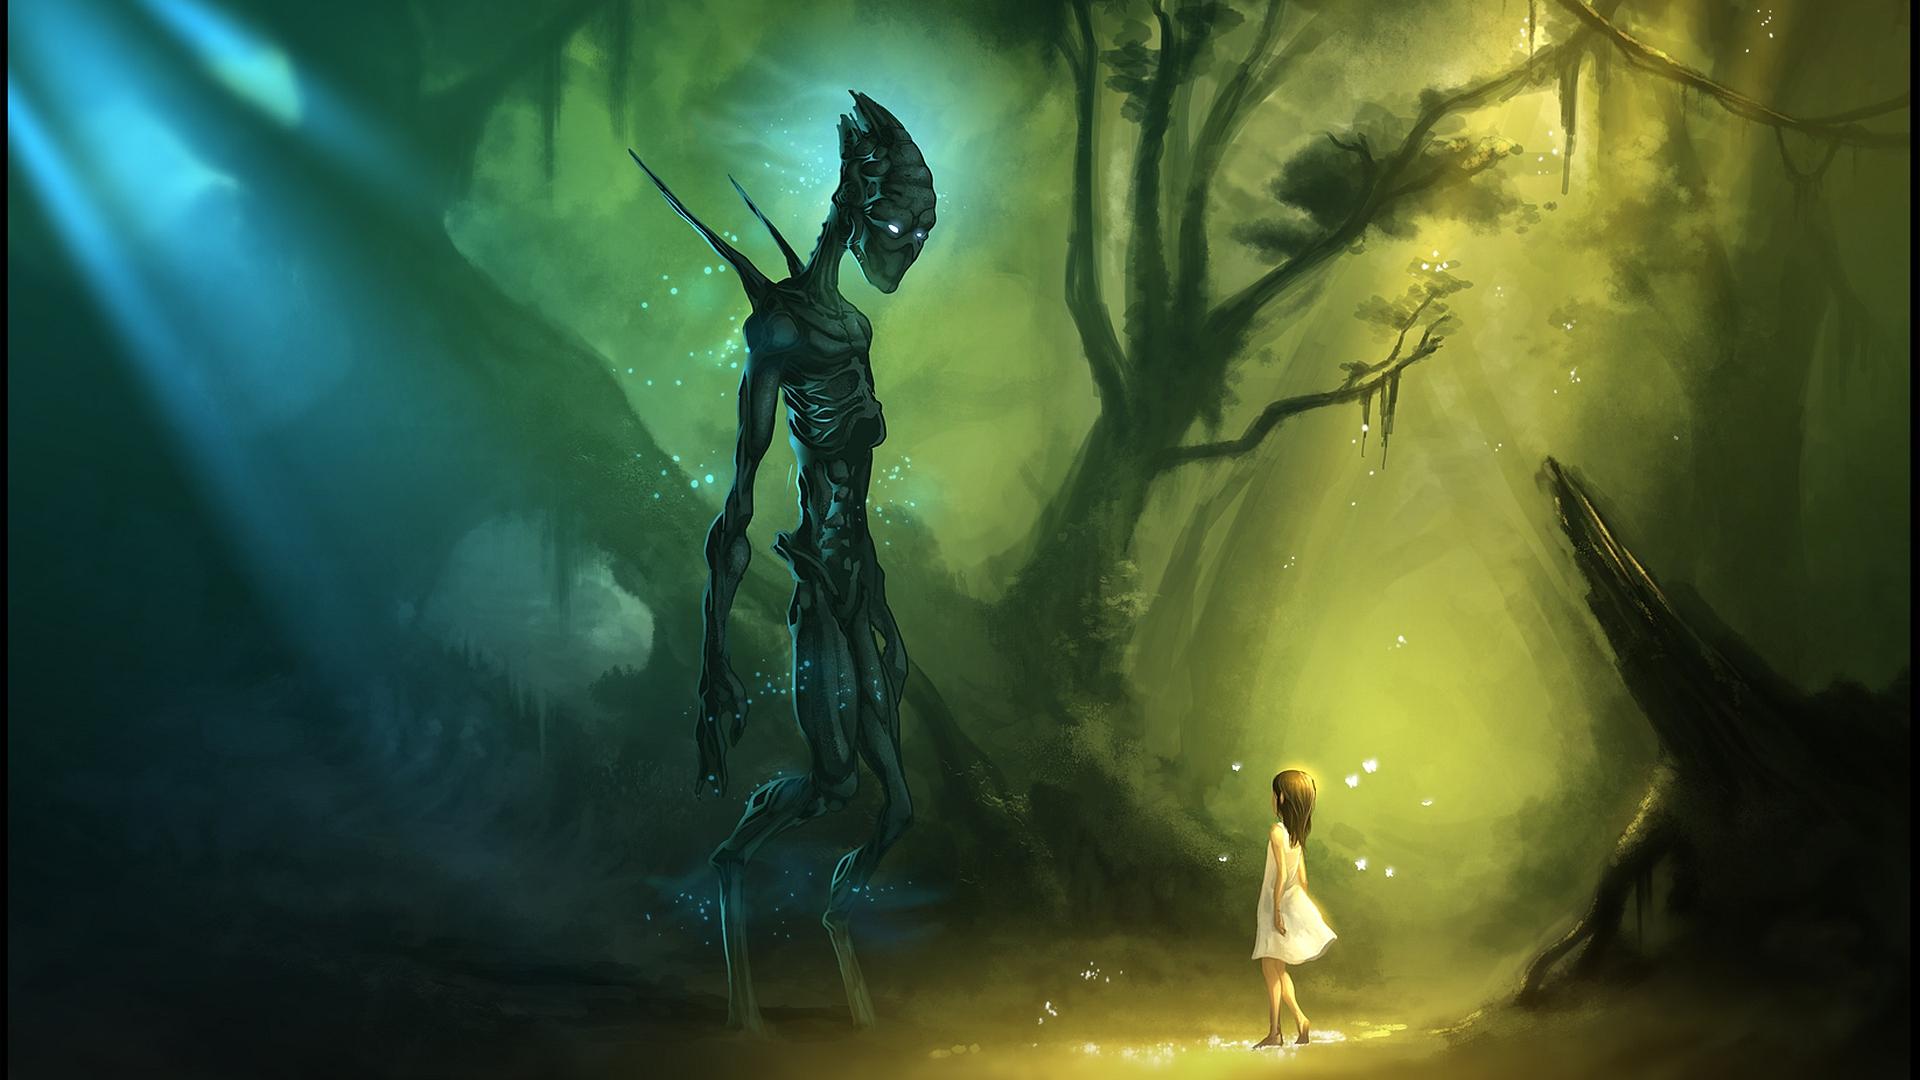 3d alien monster girl naked images